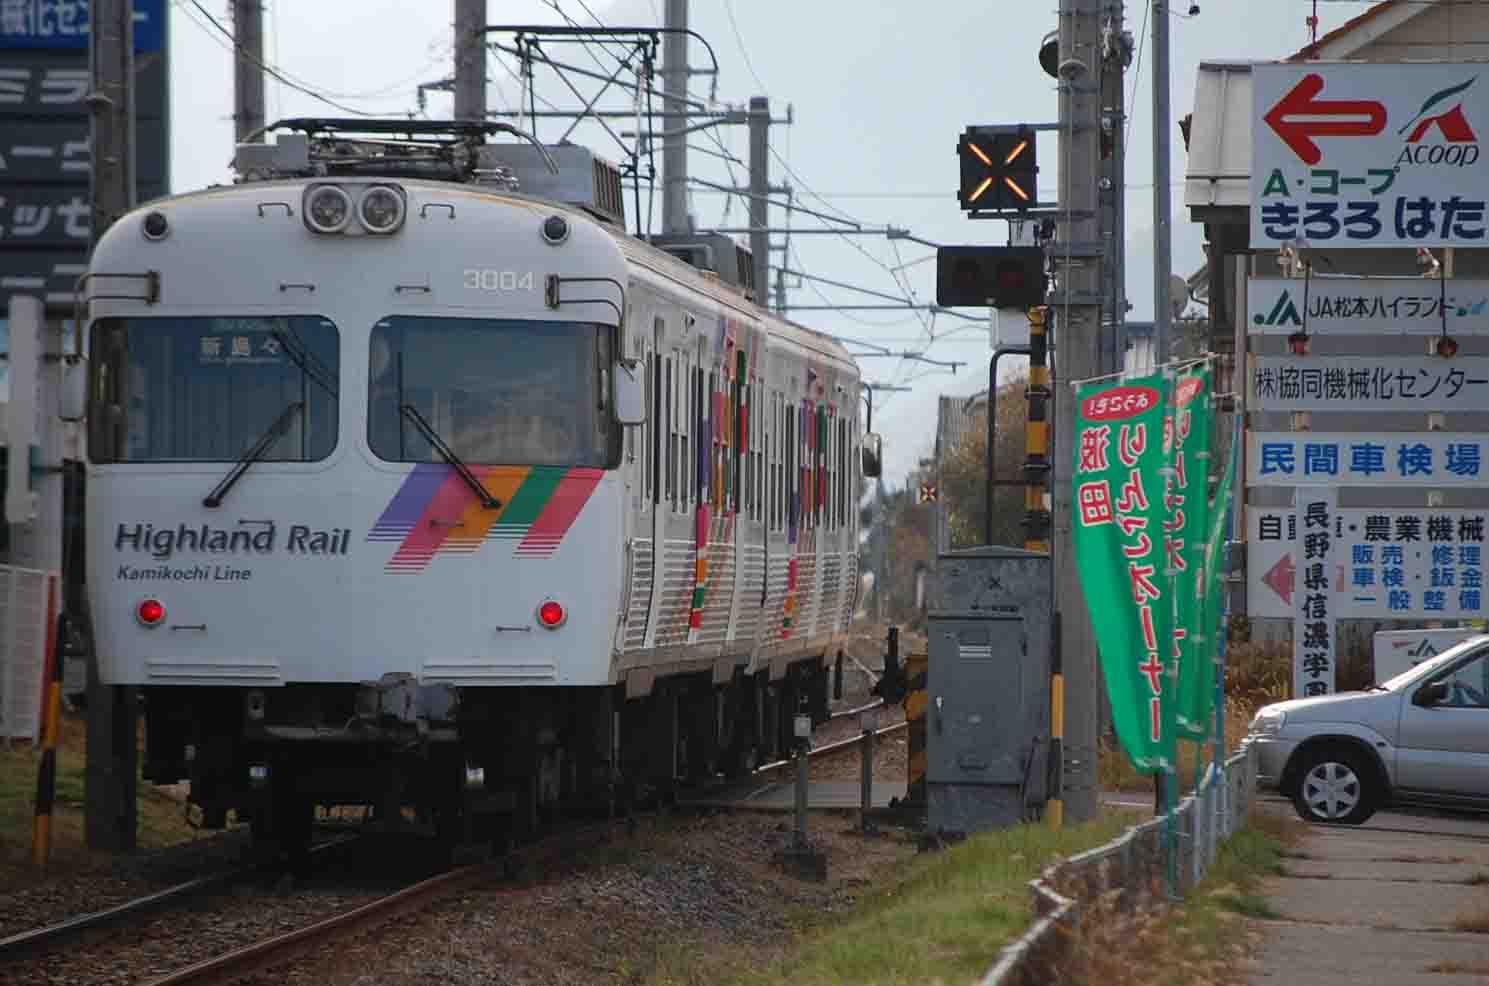 20111110松本電鉄下島 020A